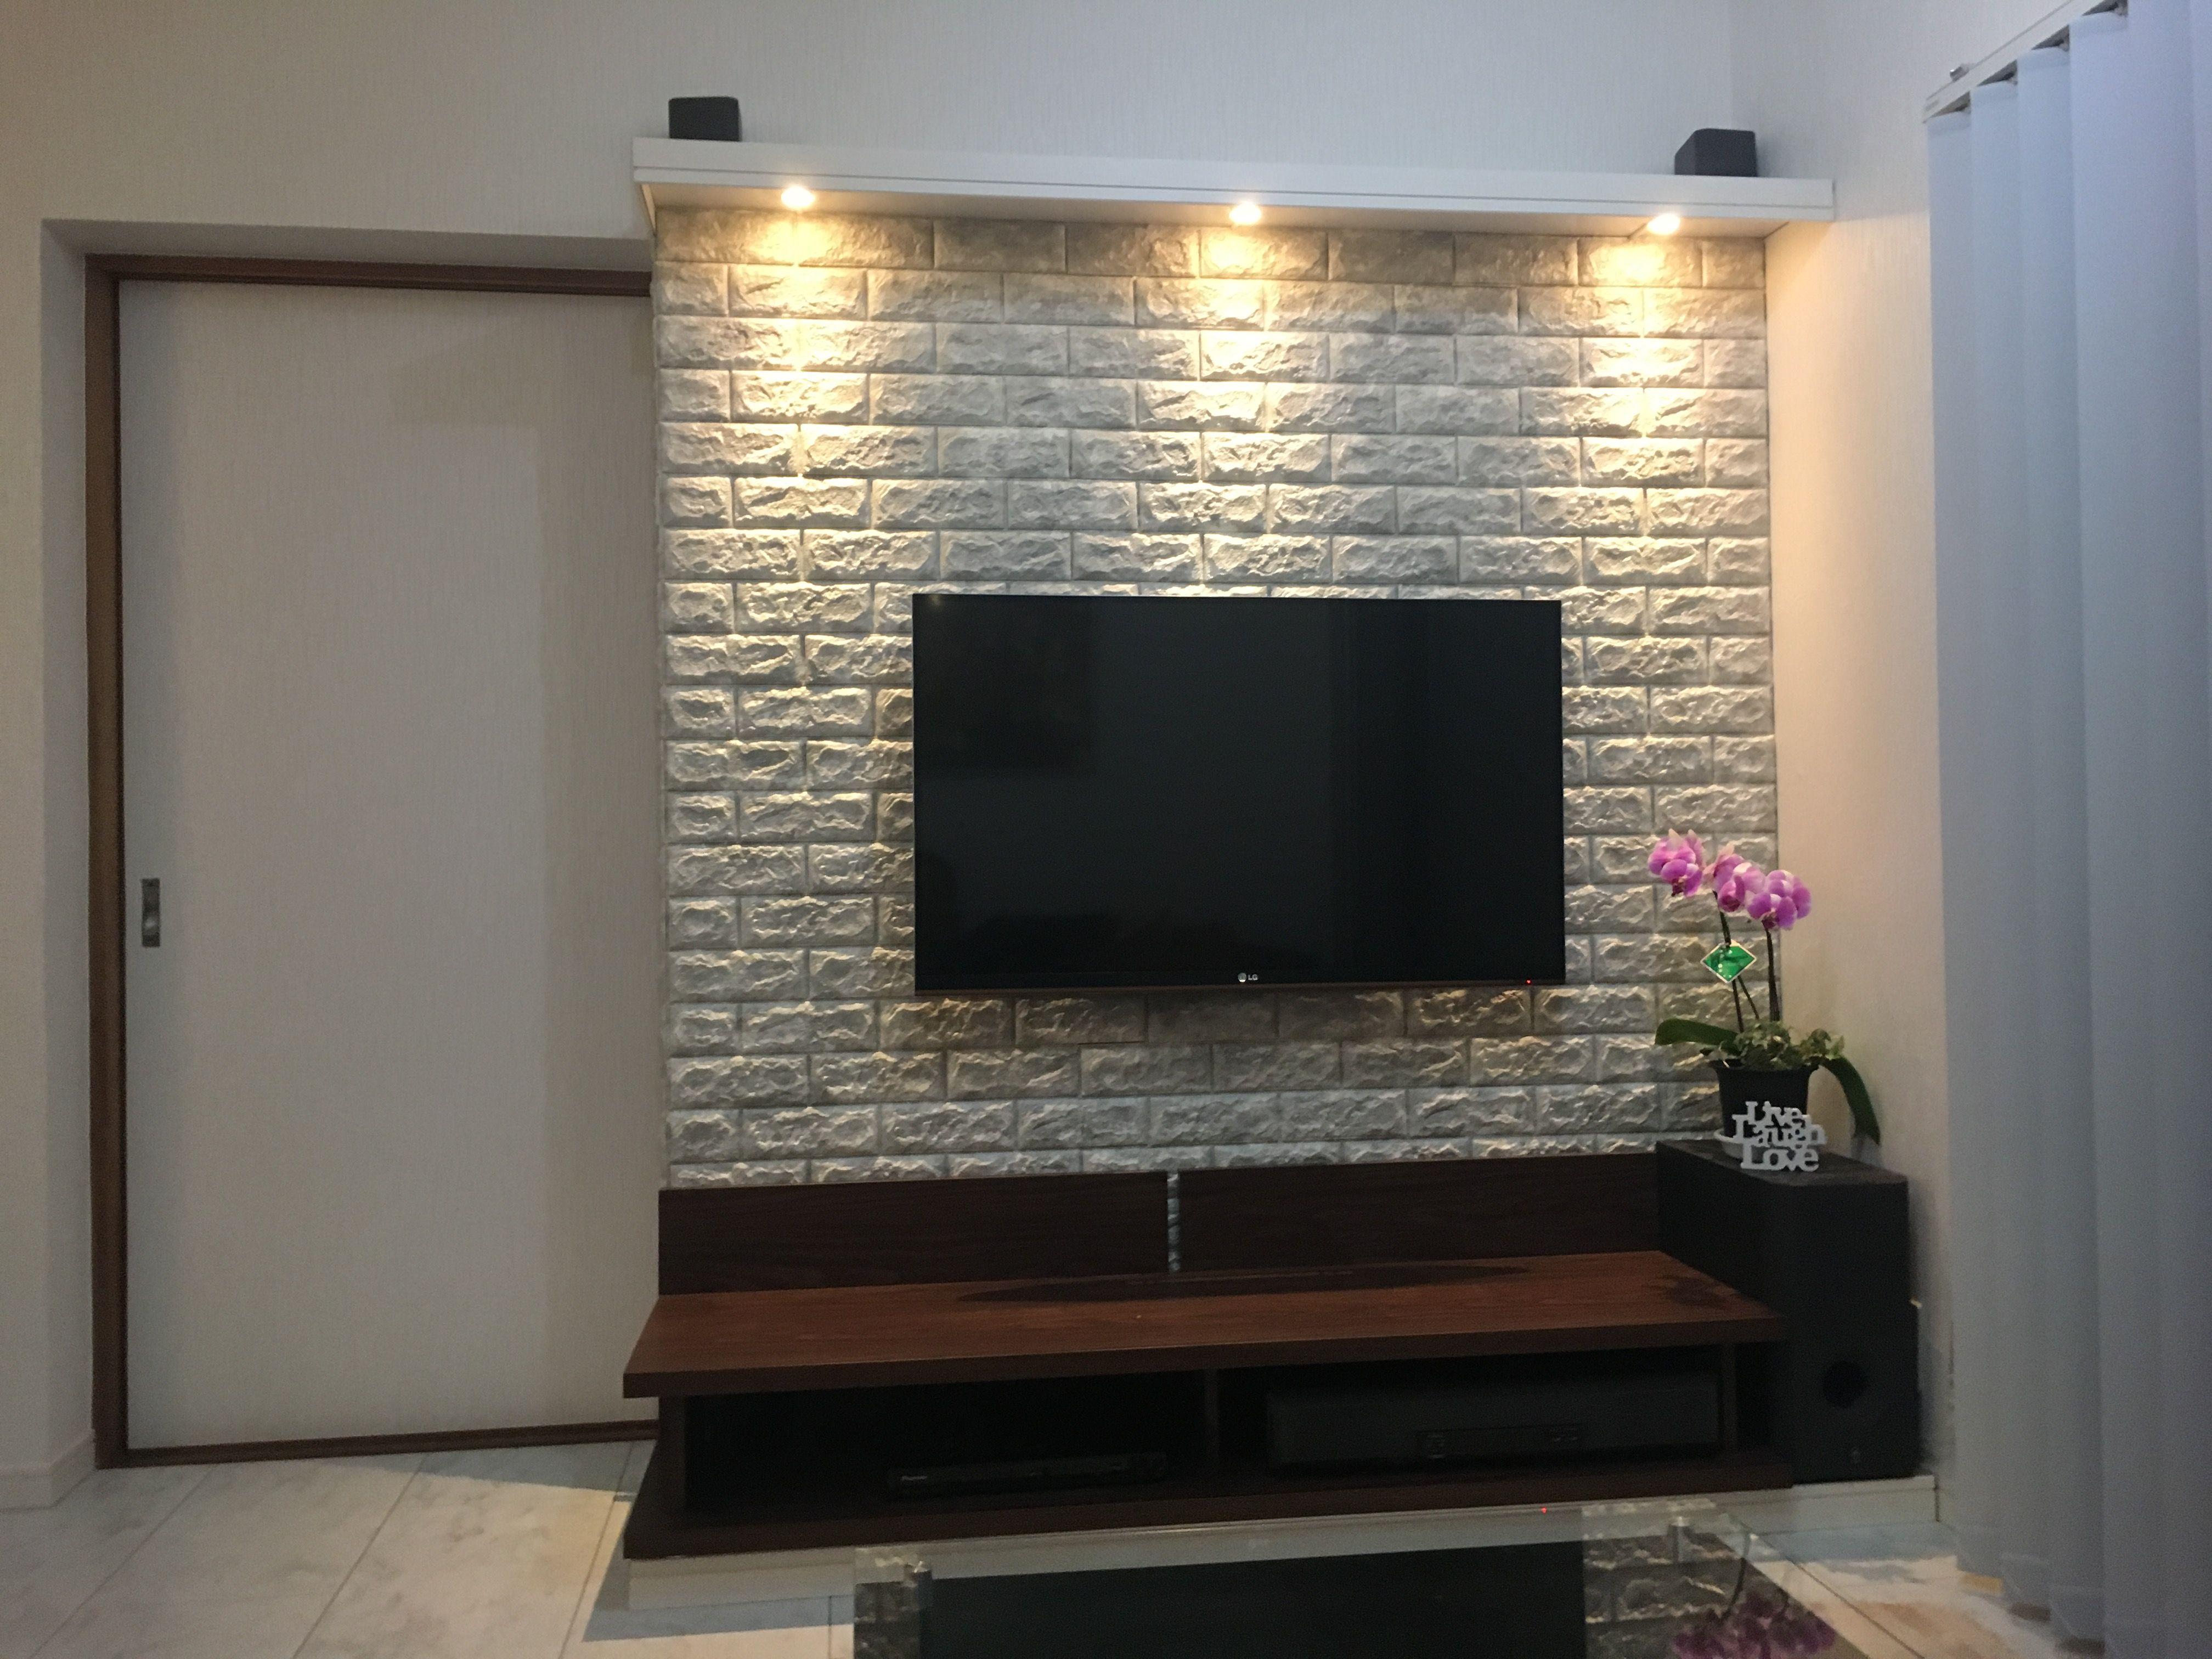 Pin von Sudhakar auf Living room ideas   Pinterest   Wohnzimmer